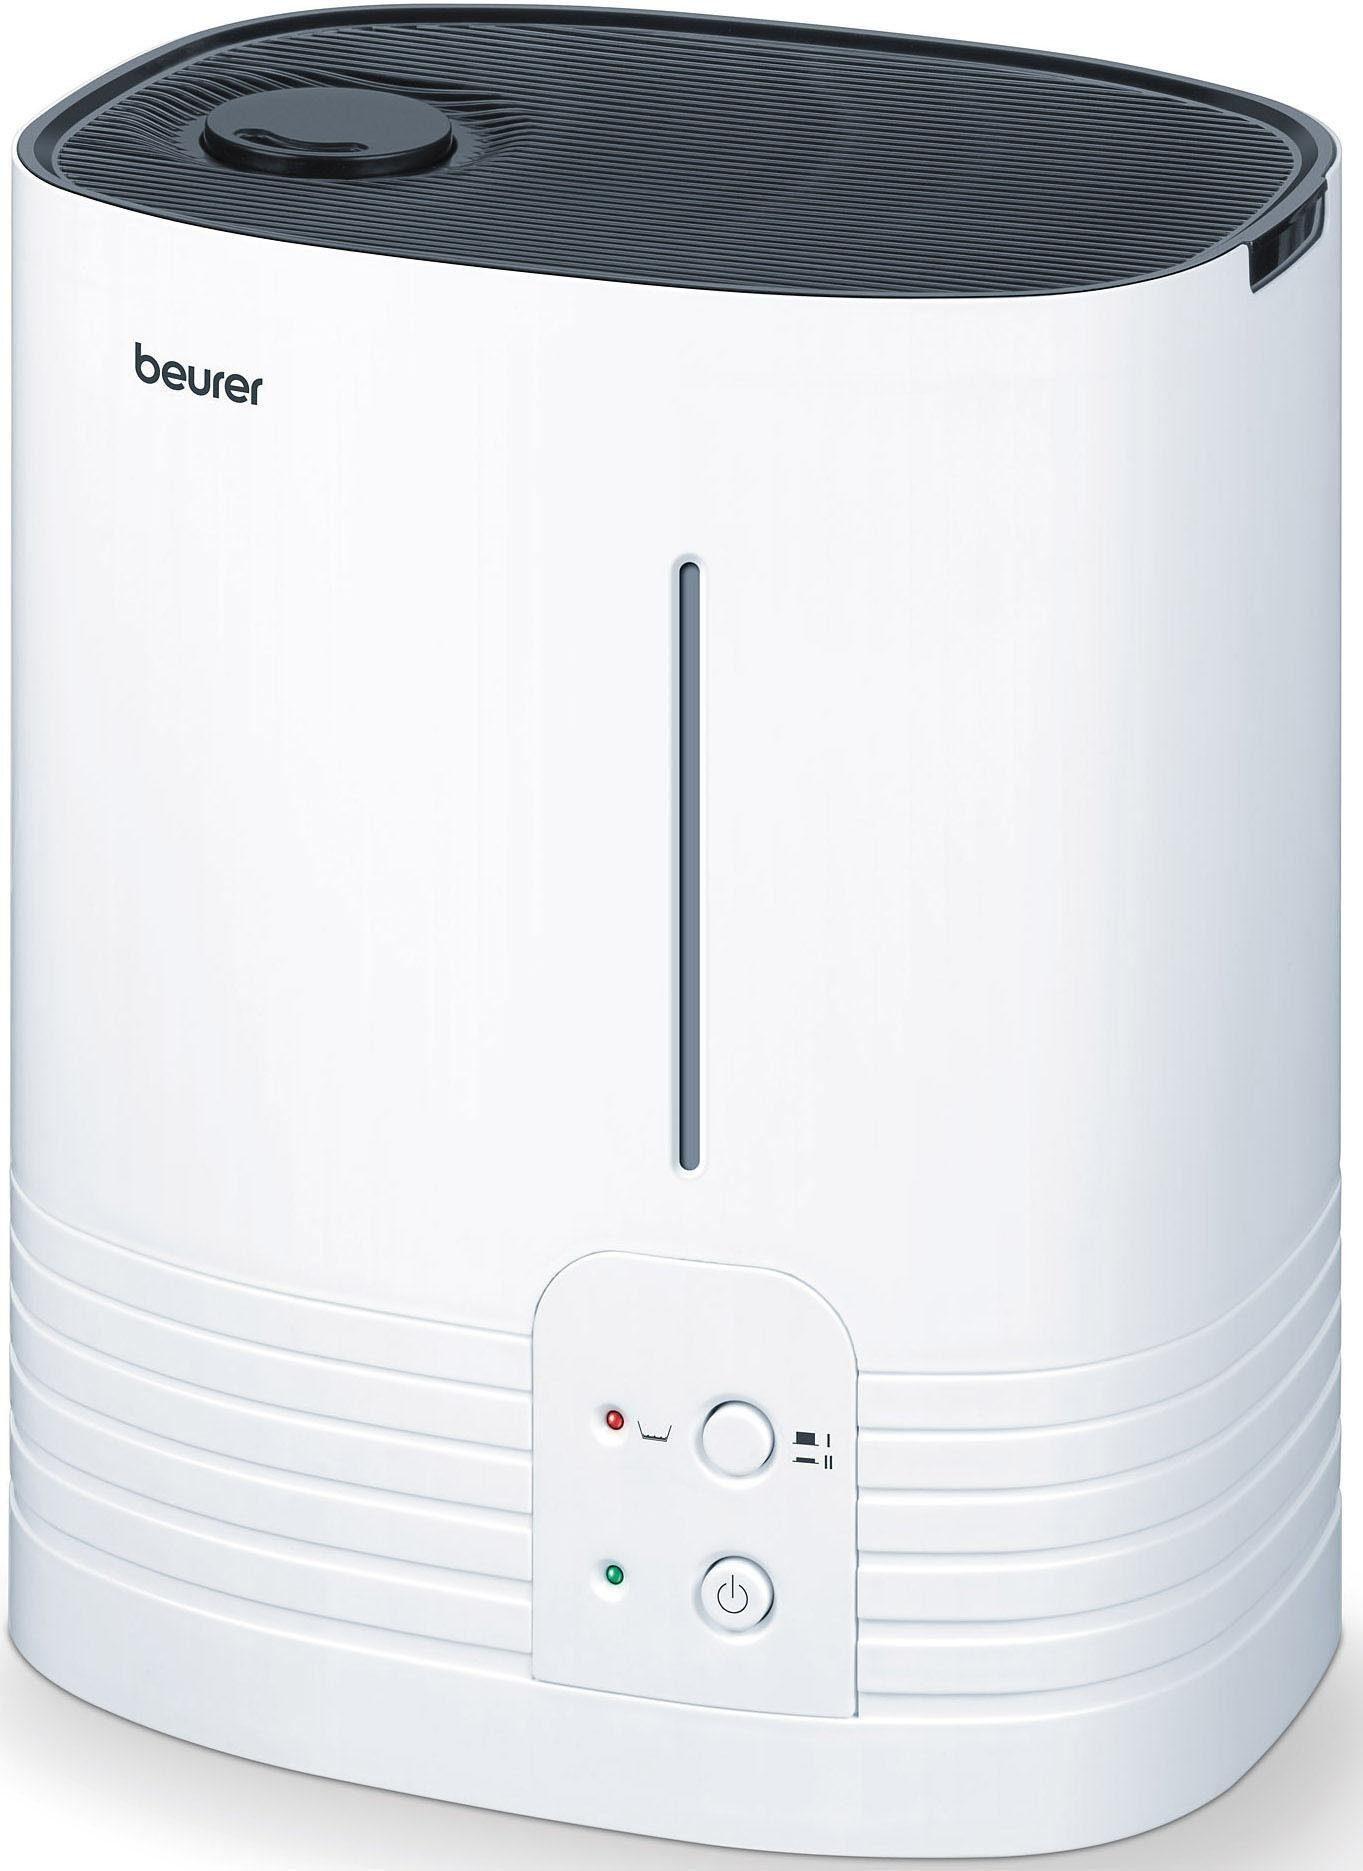 Beurer Luftbefeuchter LB 55, hygienische Warmwasser-Verdampfung